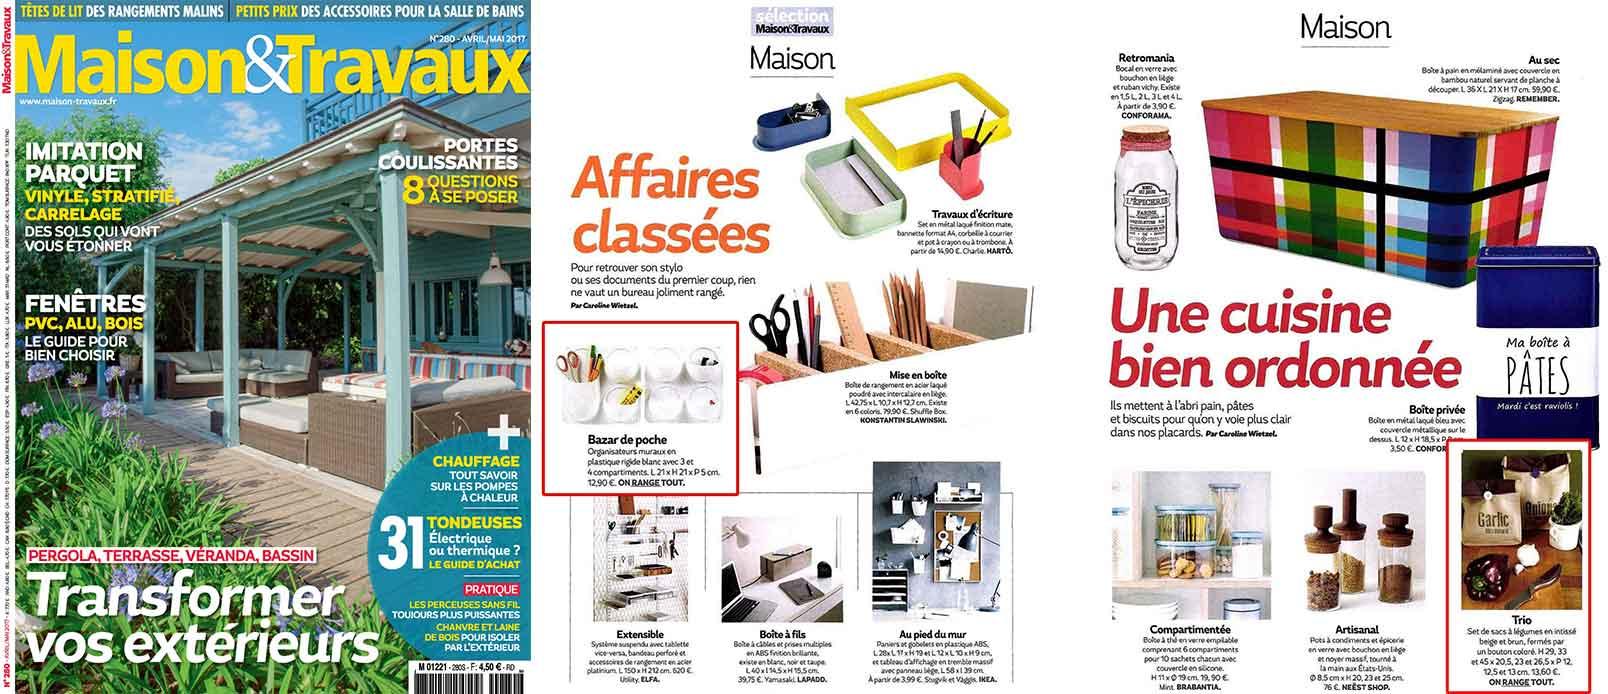 maison et travaux magazine elegant spcial dco n juiaosep with maison et travaux magazine. Black Bedroom Furniture Sets. Home Design Ideas